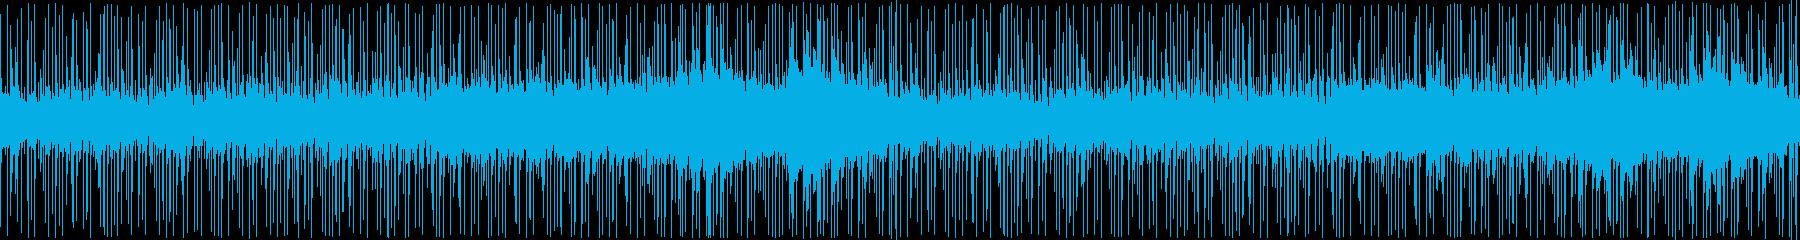 【ニュース】ニュース番組向け分析・解説Aの再生済みの波形